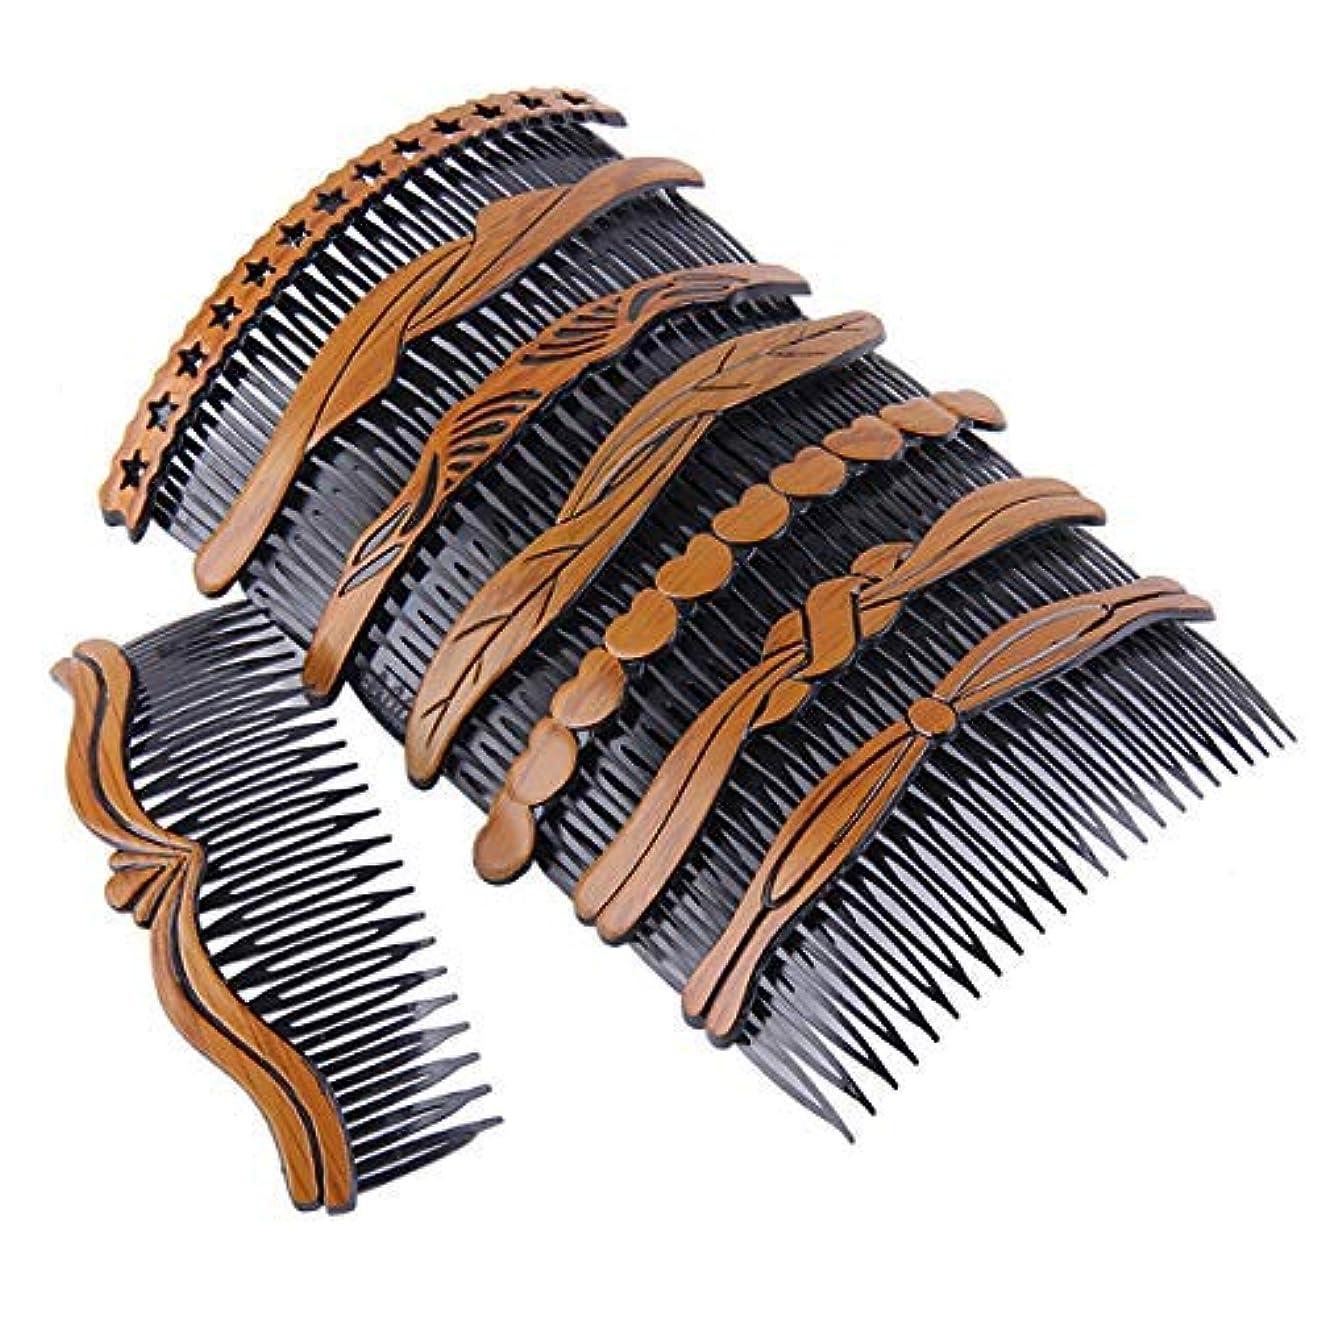 援助順応性のある達成8Pcs Plastic Wood Grain Hollow Hair Side Combs Retro Hair Comb Pin Clips Headdress with Teeth for Lady Women Girls...